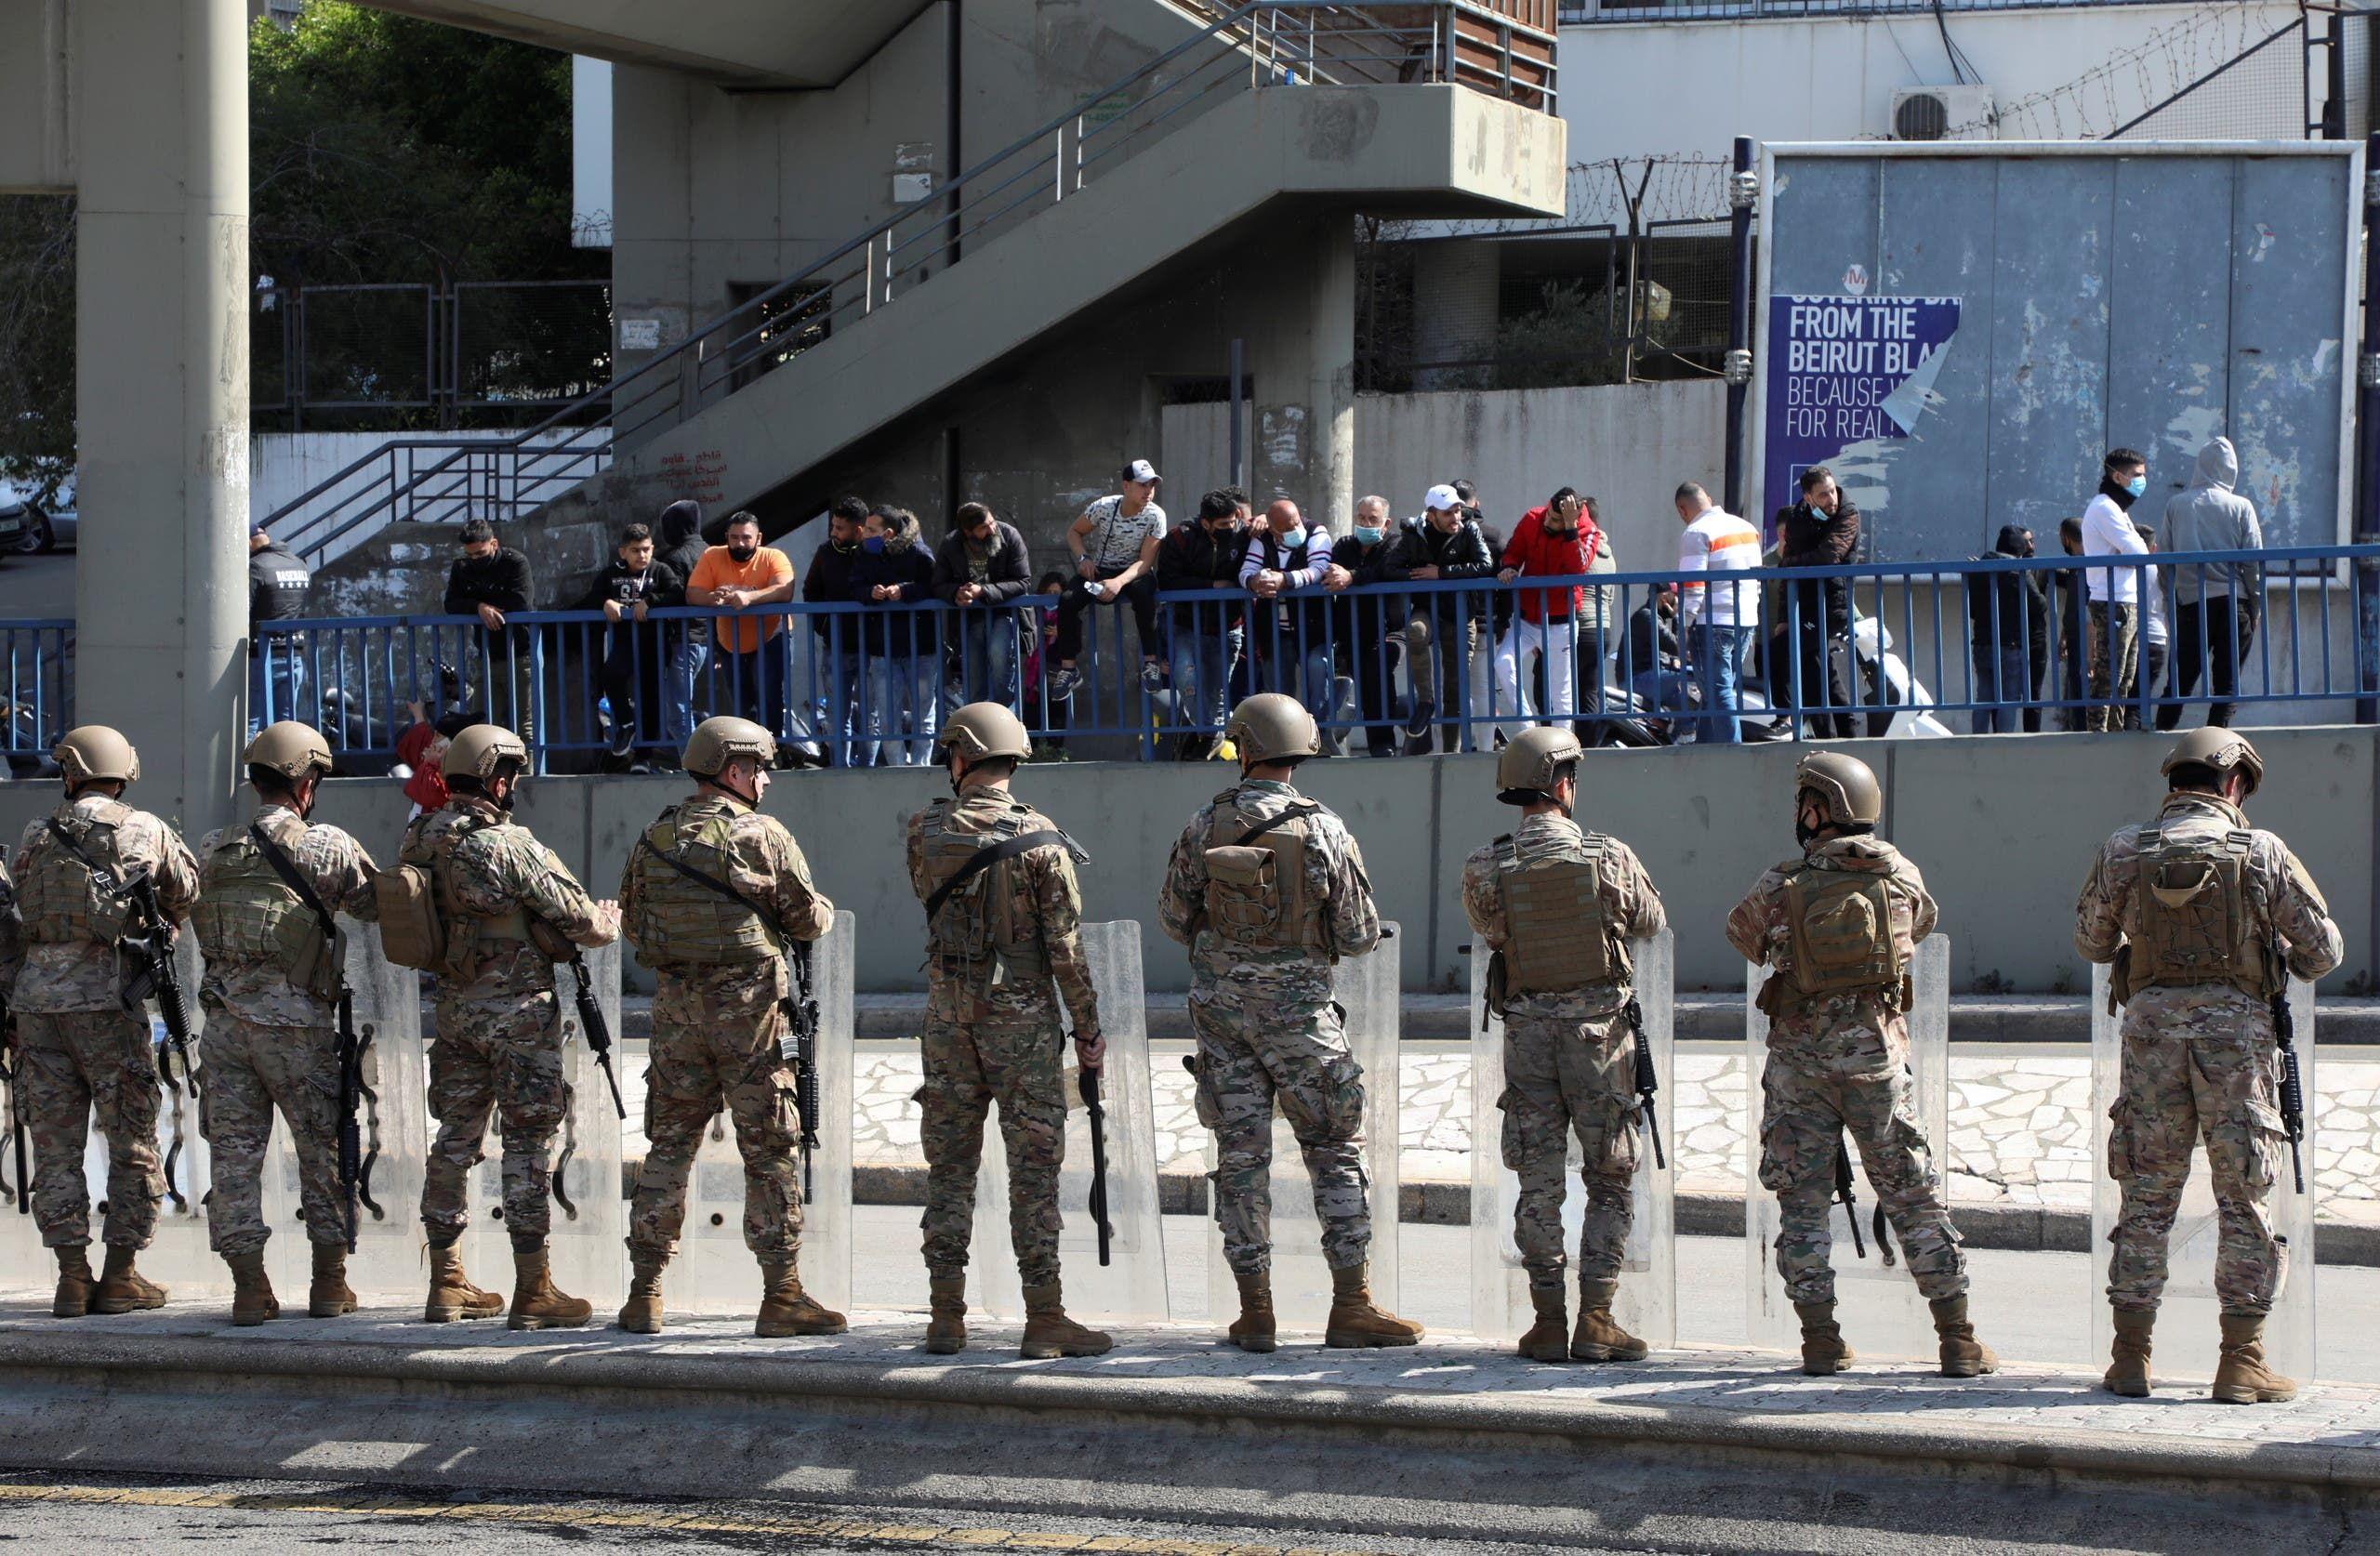 عناصر من الجيش اللبناني خلال احتجاج في بيروت